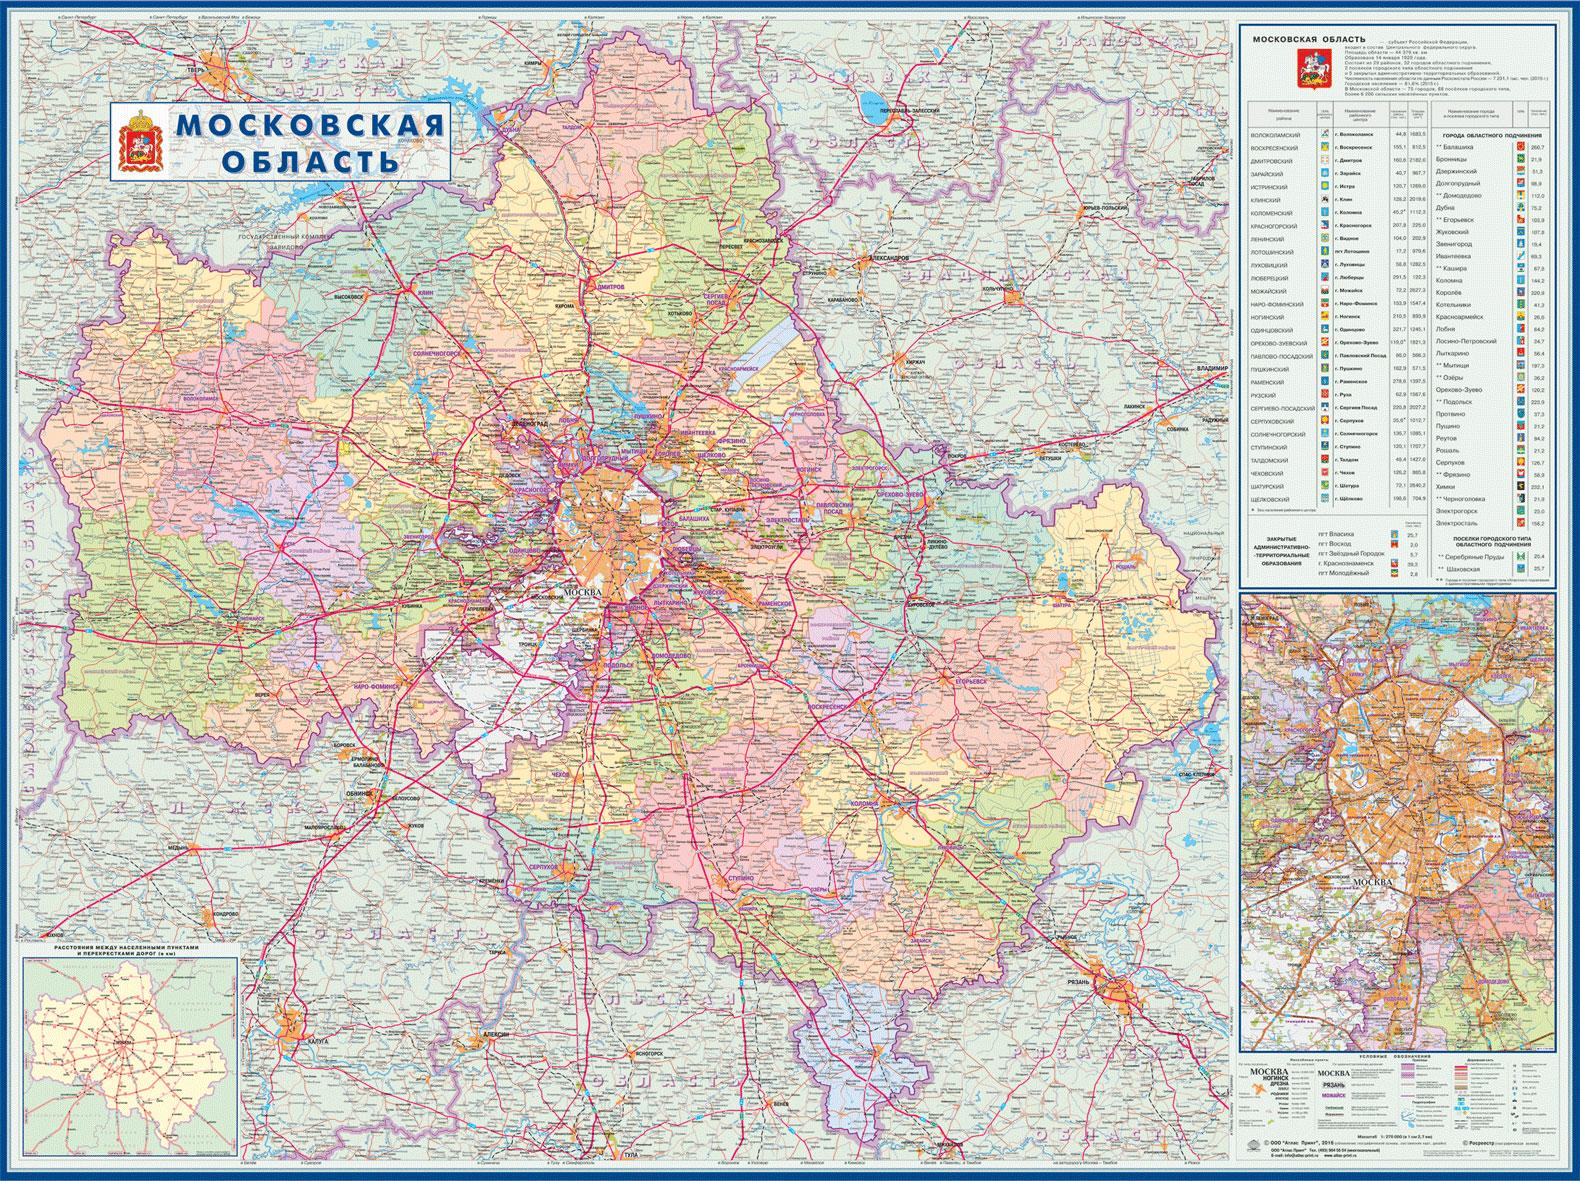 Купить! Настенная административная карта Московской области